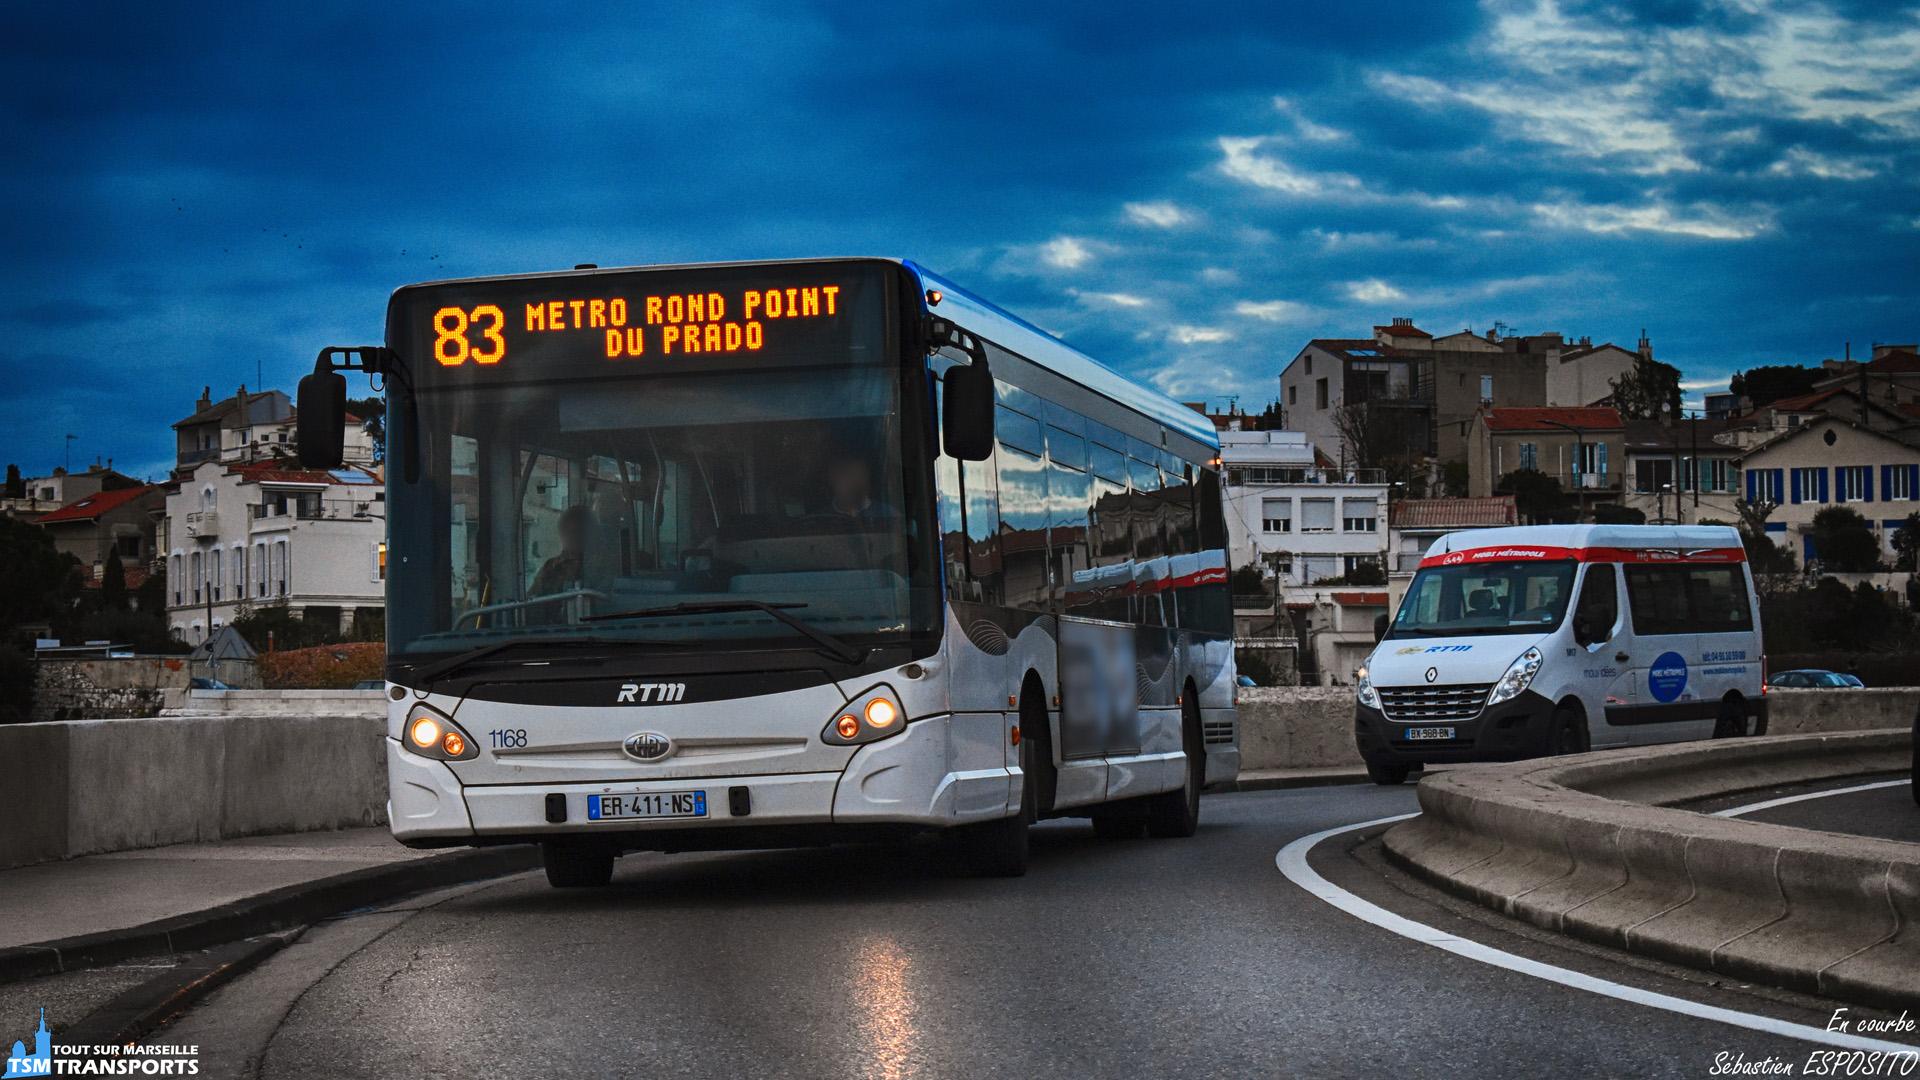 Vous le savez depuis le temps, les courbes, je kiffe, nous avons le droit ce jour à un petit duo de véhicules RTM sur la corniche, avec deux types de service différents, au premier plan, un Heuliez Bus GX 327 en service sur la ligne 83 (service classique) et au second plan, un Renault Master aménagé PMR (service Mobi métropole). . ℹ️ Heuliez Bus GX 327 RTM n°1168 et Renault Master RTM / Mouv'Idées n°M17. . 📍Corniche Président John Fitzgerald Kennedy, 7eme arrondissement de Marseille. . ↔️ 83 : Canebière Vieux Port - Métro Rond Point du Prado. . ↔️² : TAD pour les personnes à mobilité réduite. . 📸 Nikon D5600. . 📷 Nikkor 18-55mm. . 📅 12 Décembre 2018 à 16:47. . 👨 Sébastien ESPOSITO.